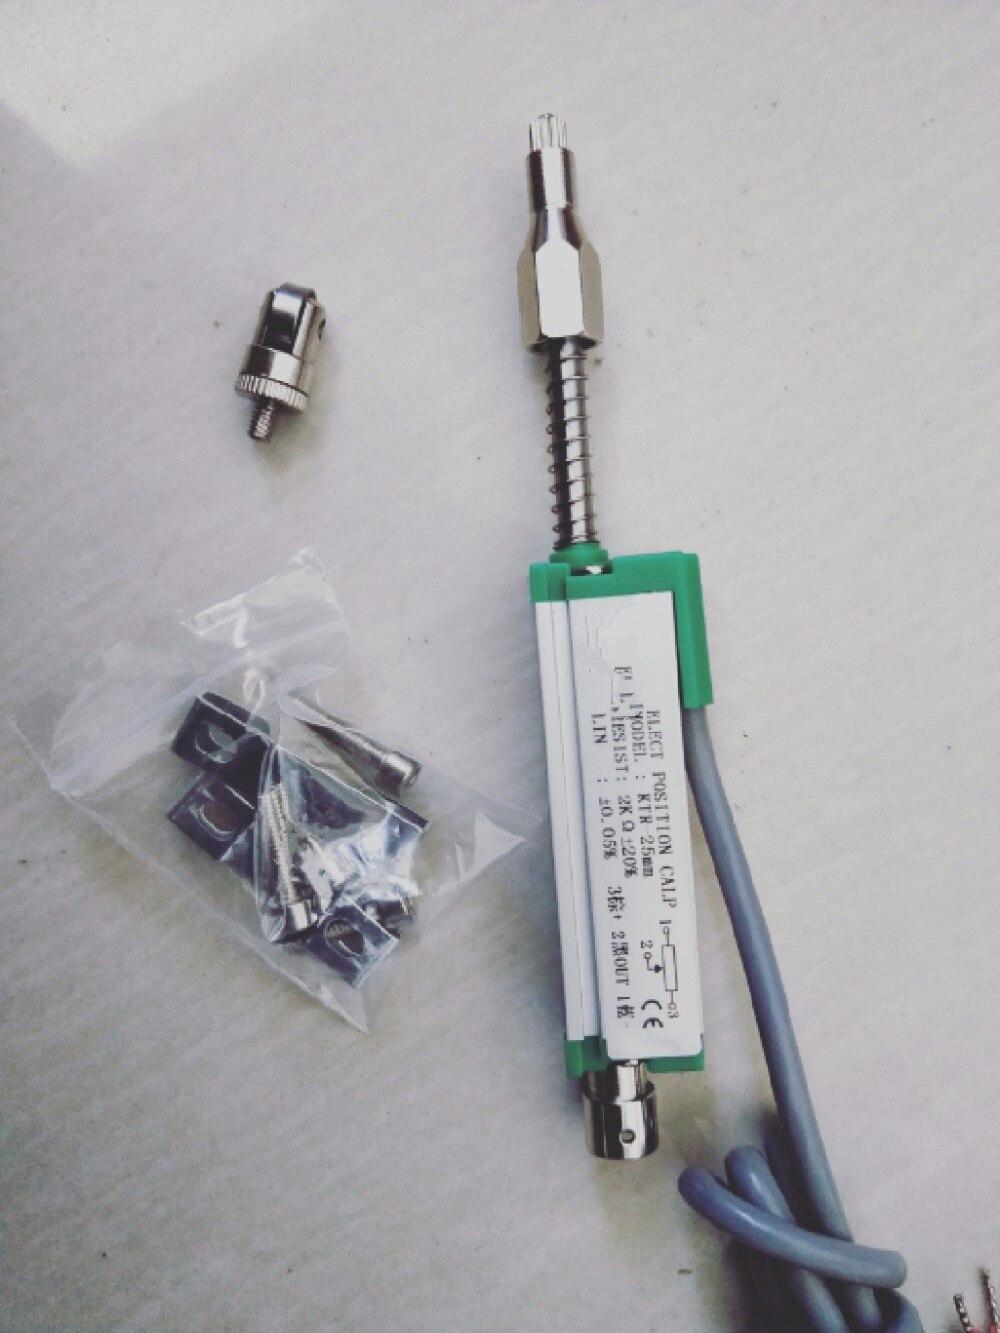 KTR-25MM Miniature auto-réinitialisation règle électronique capteur de déplacement capteur de déplacement capteur de position à coudre transducteurs